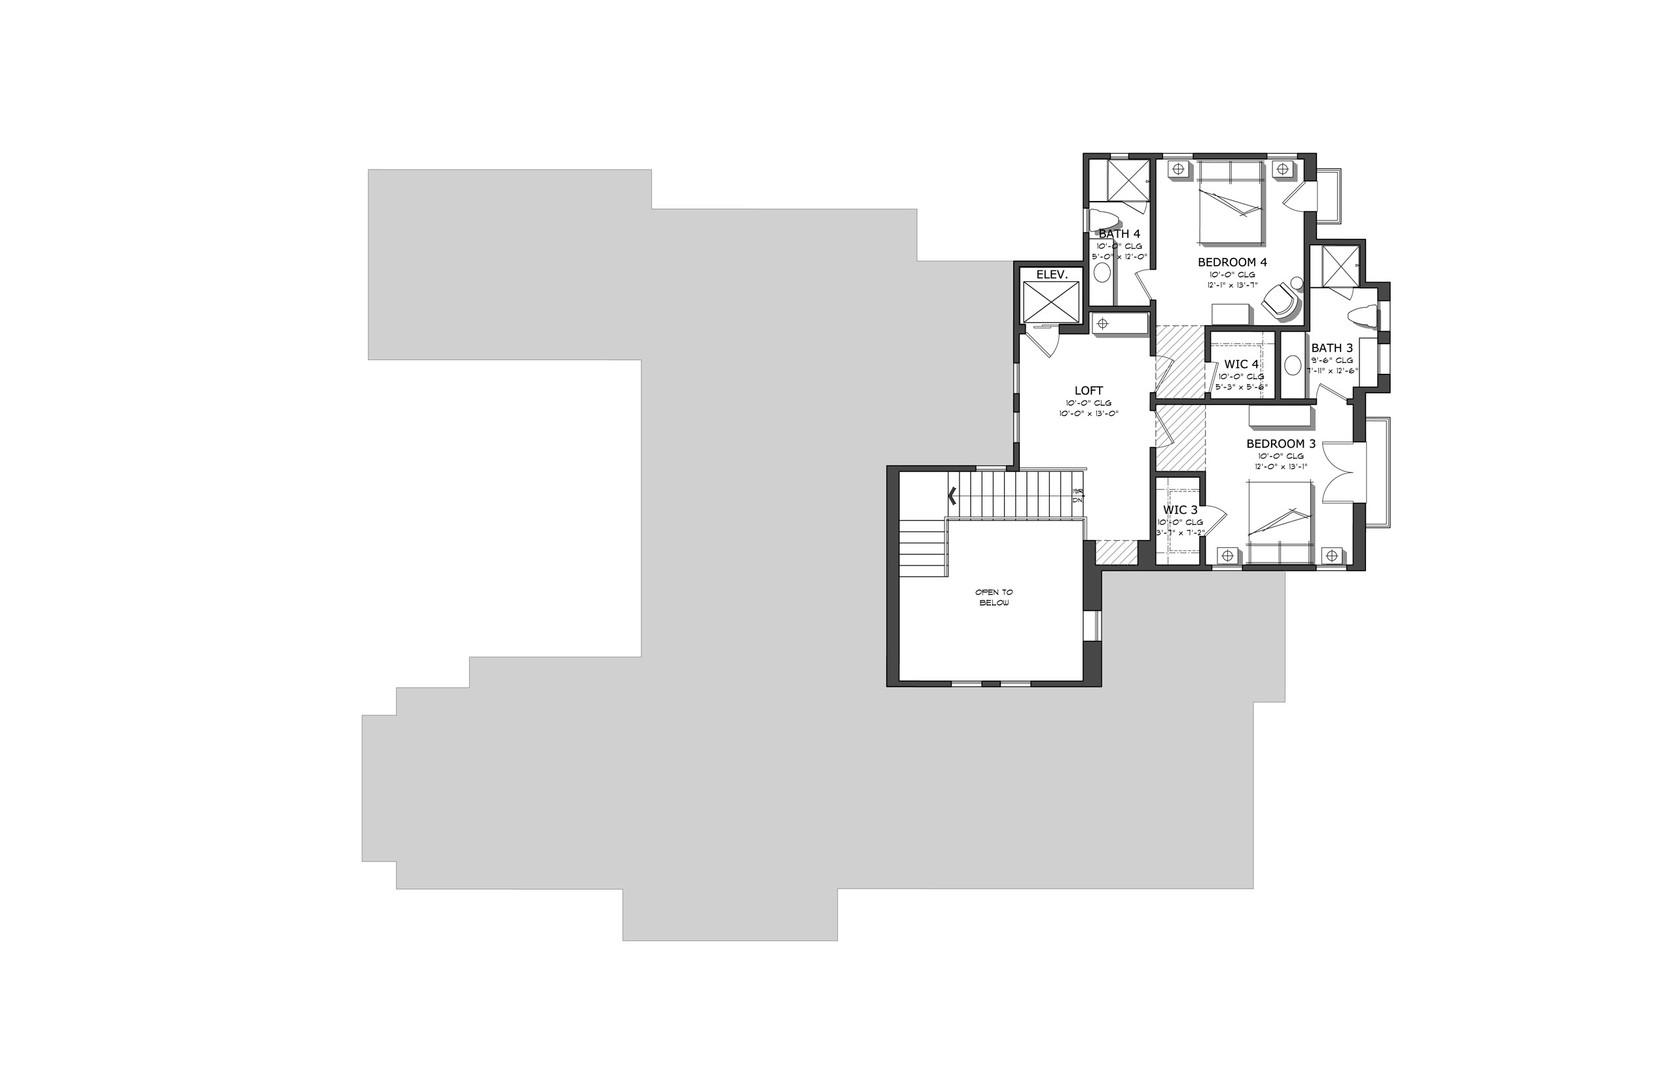 Plan A - 2nd Floor